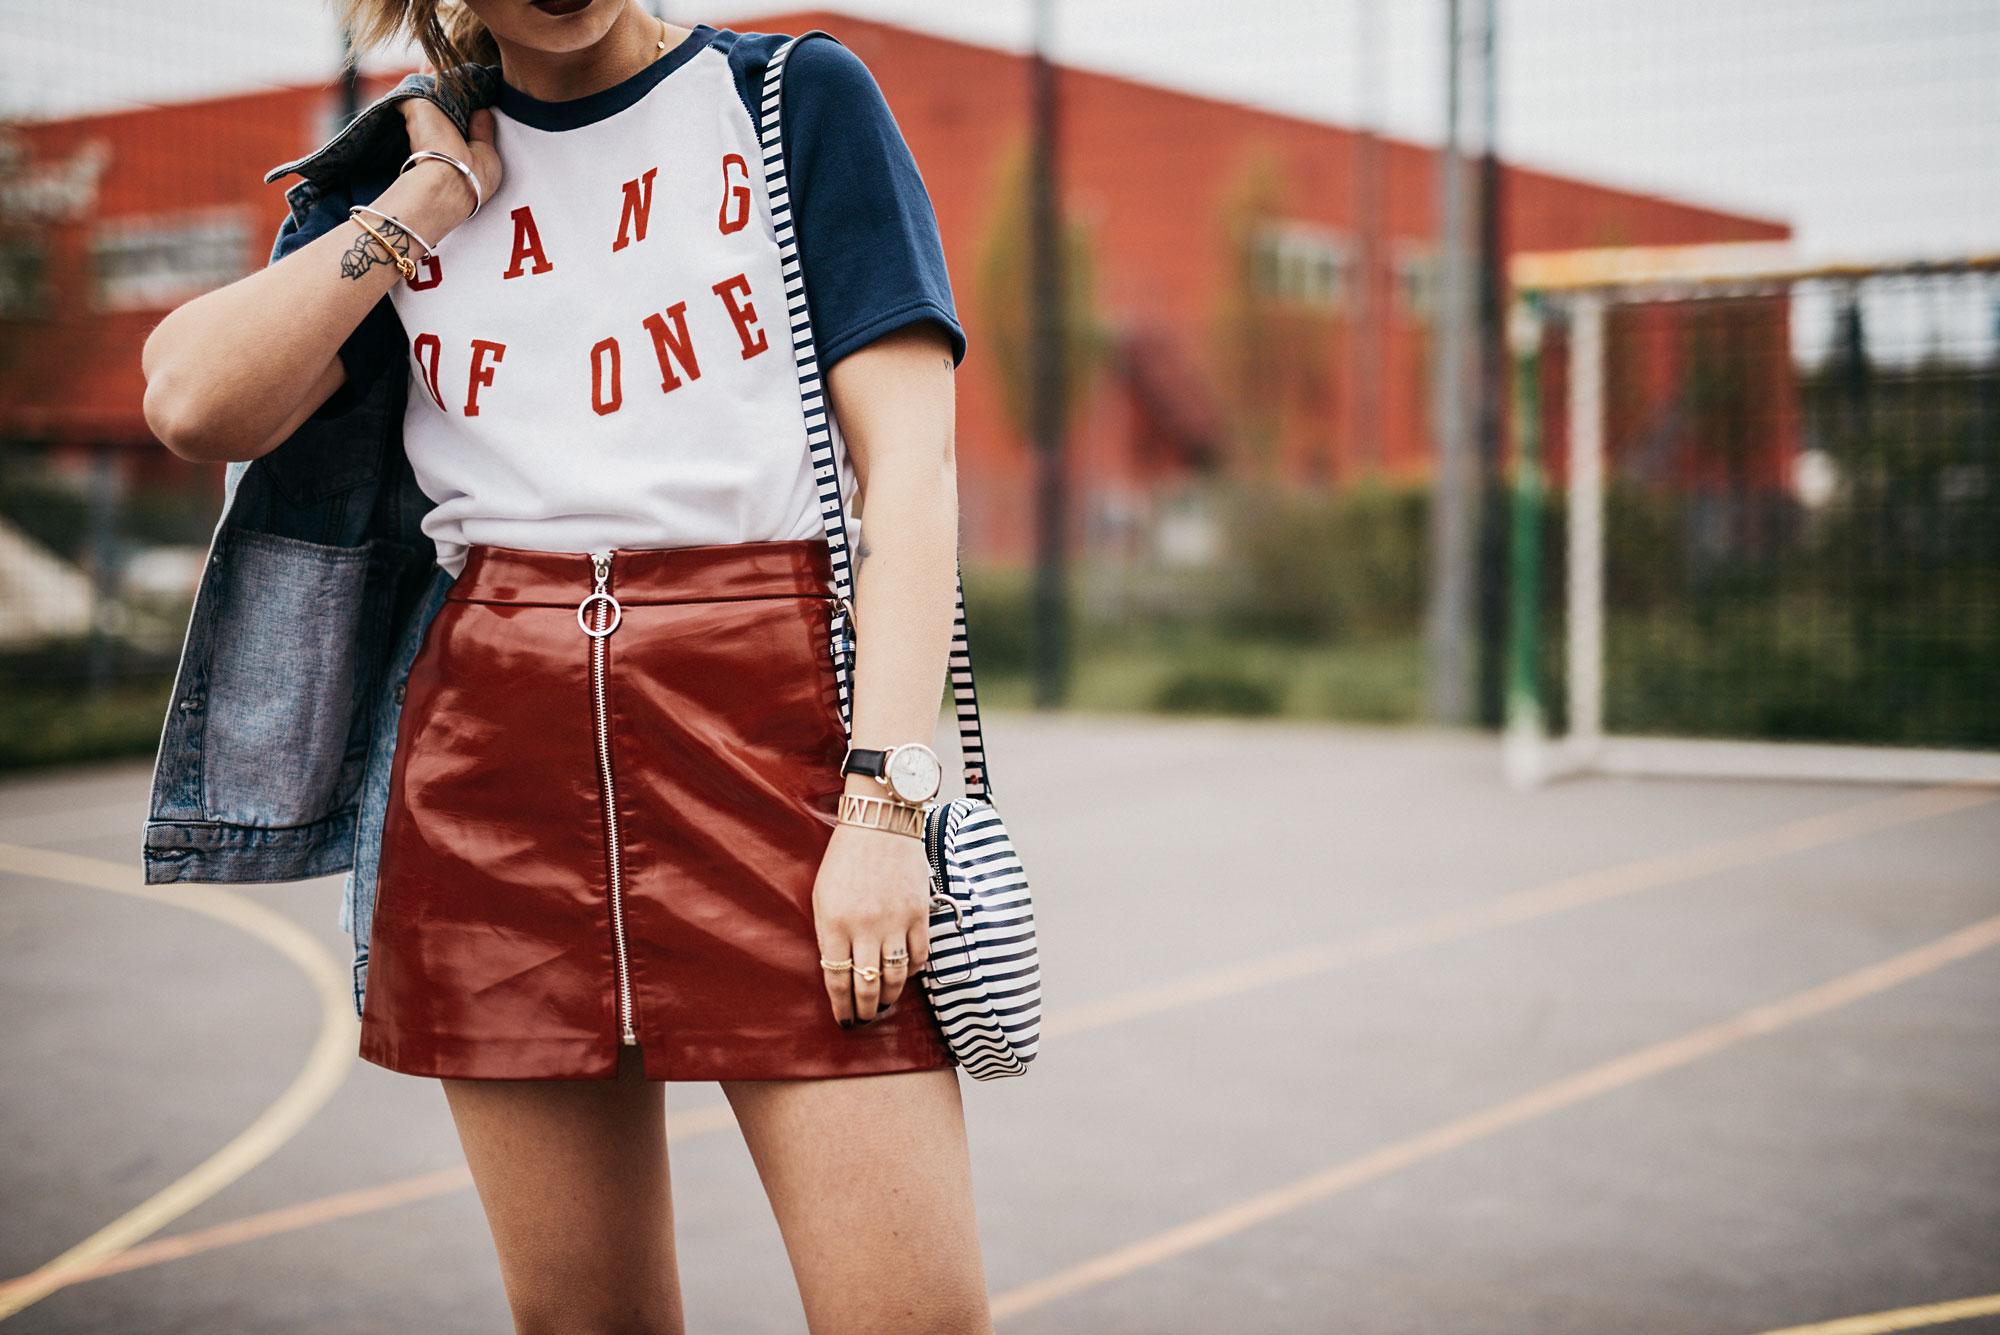 Модные тренды лета 2017 | полоски, цветные солнцезащитные очки, кроссовки, виниловая юбка, принтованная футболка | стиль: athleisure, спортивный, сексуальный, тренд, классный | бренды: Tommy Hilfiger, Zoe Karssen, Veja, Na-kd, Zara